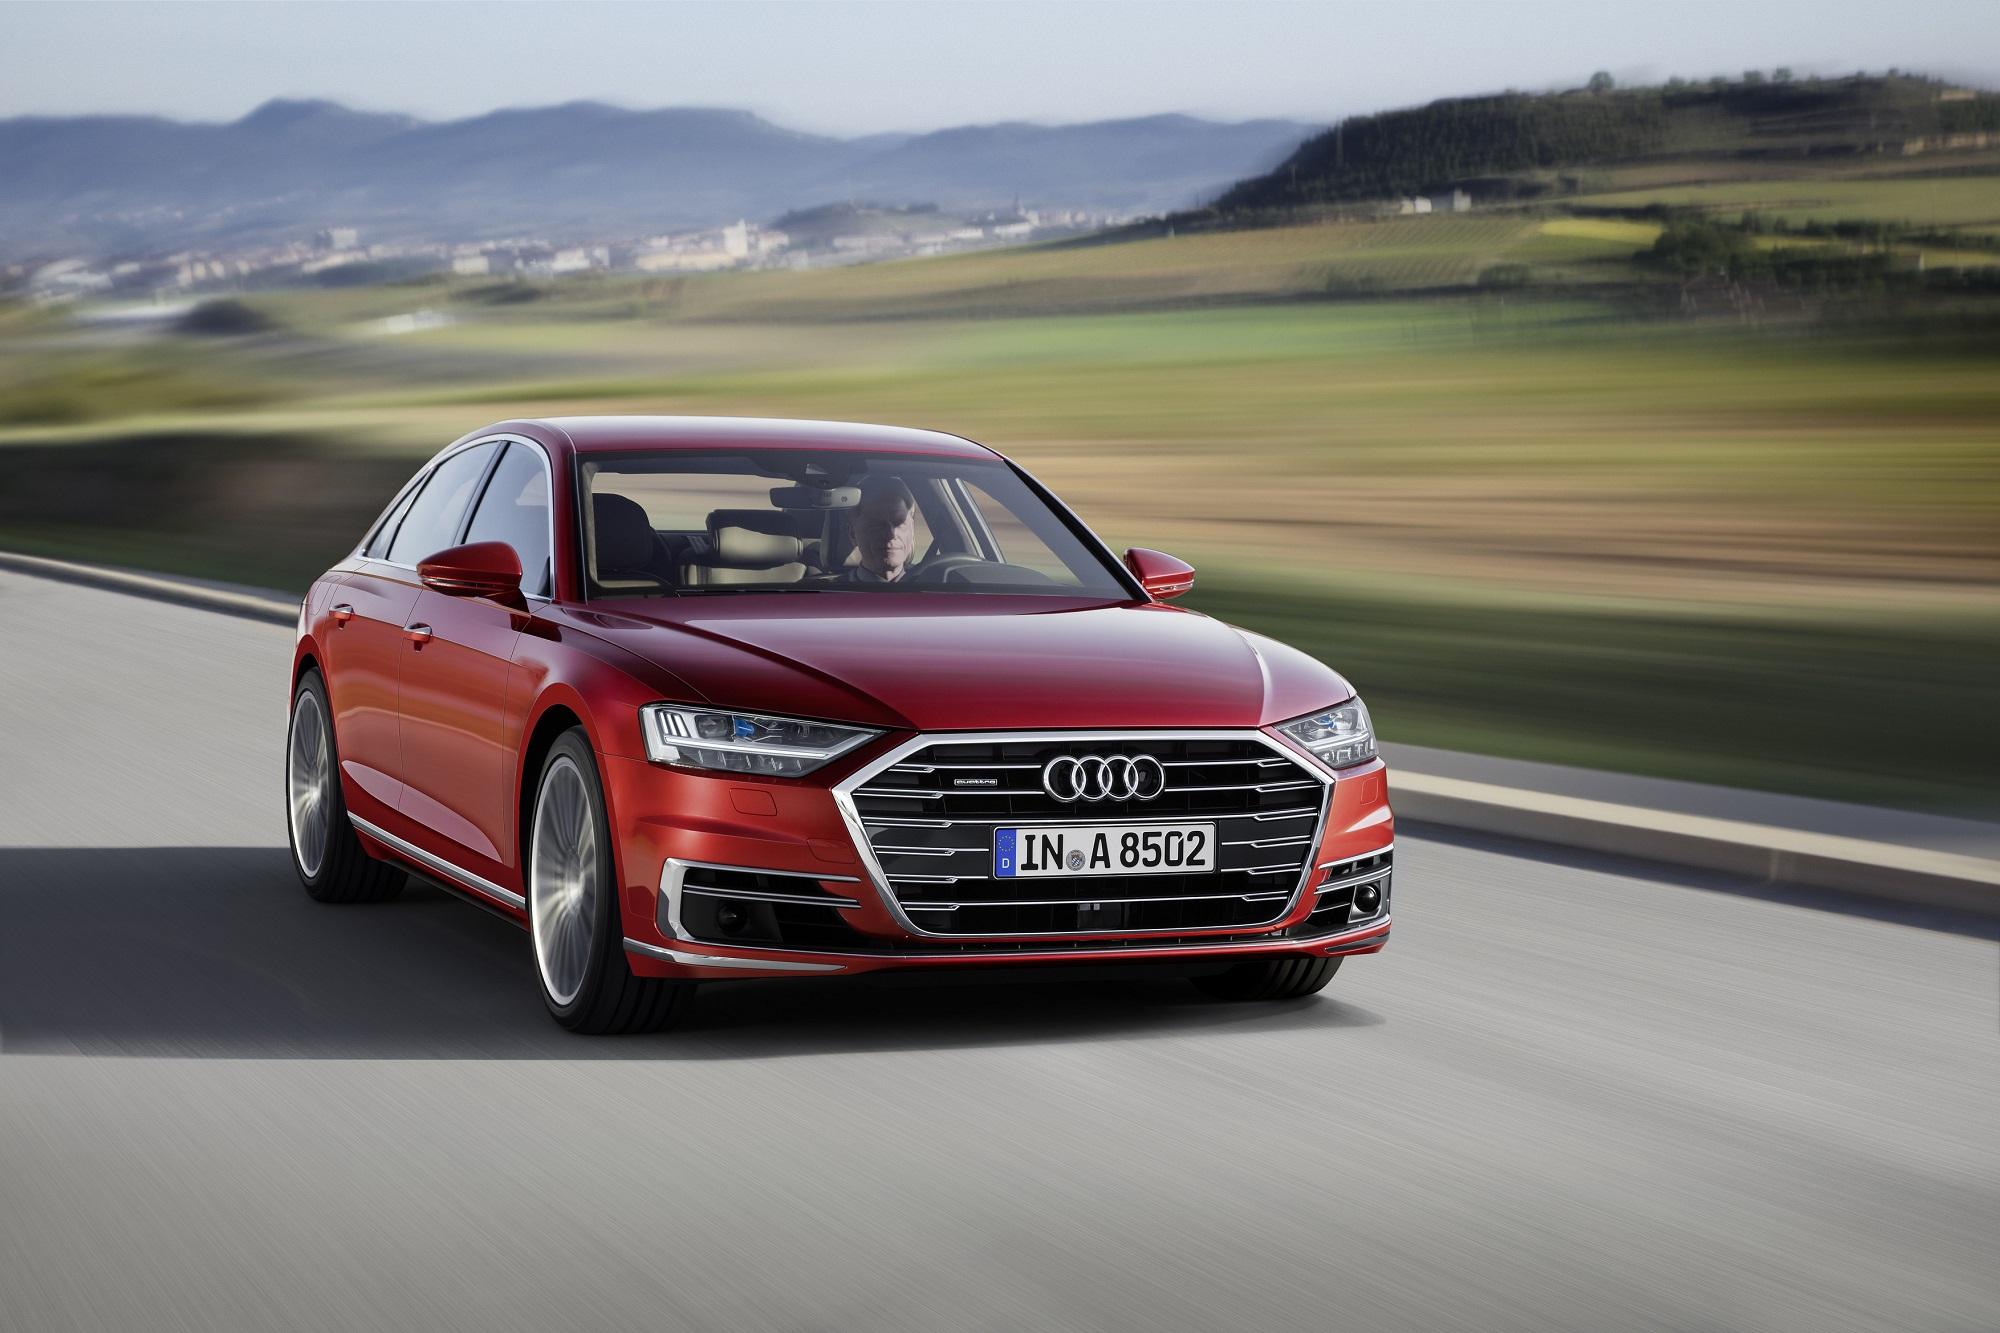 Audi sa vzdáva autonómneho riadenia 3. stupňa v modeli A8